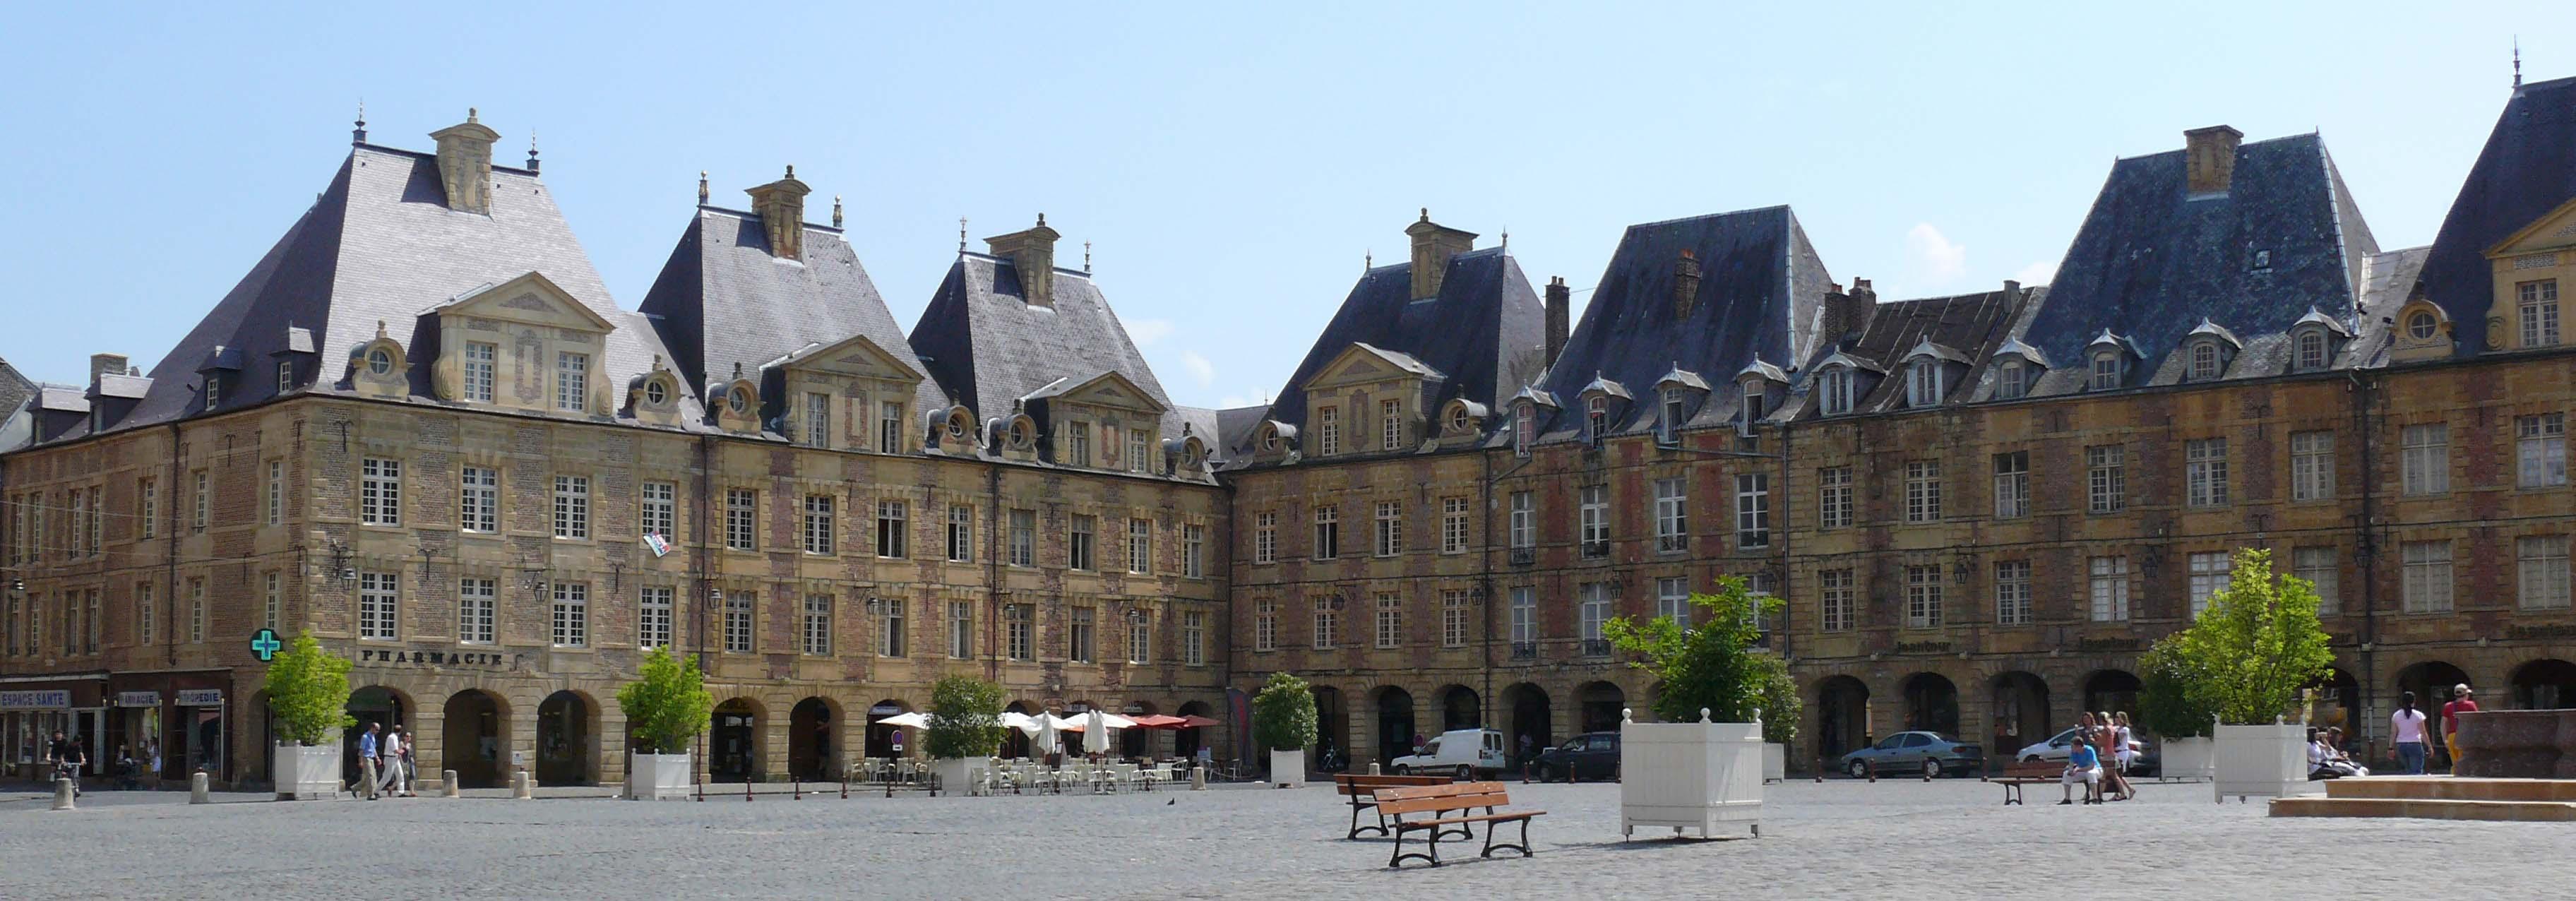 Charleville La place Ducale